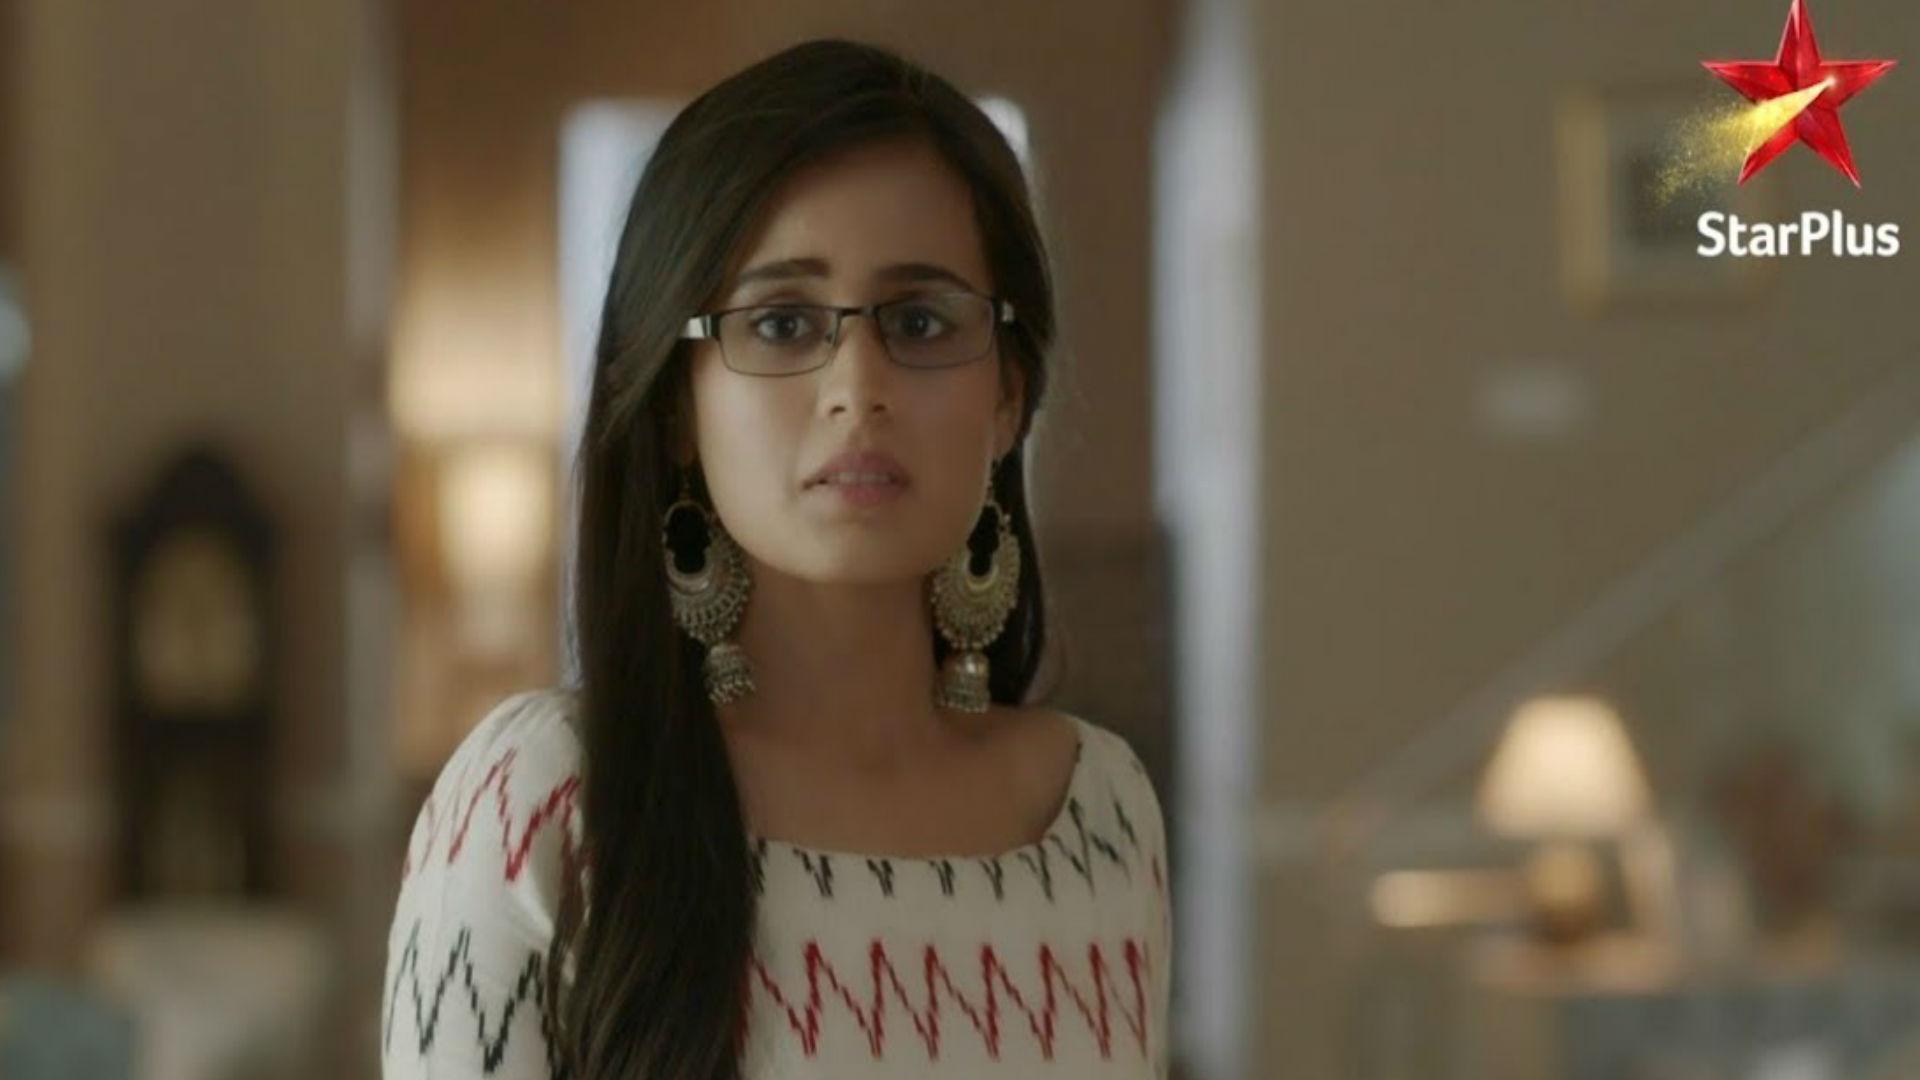 Yeh Rishtey Hain Pyaar Ke: कुणाल-कुहू को किडनैपर से बचाने में क्या मिष्टी की जाएगी जान, अबीर का होगा बुरा हाल